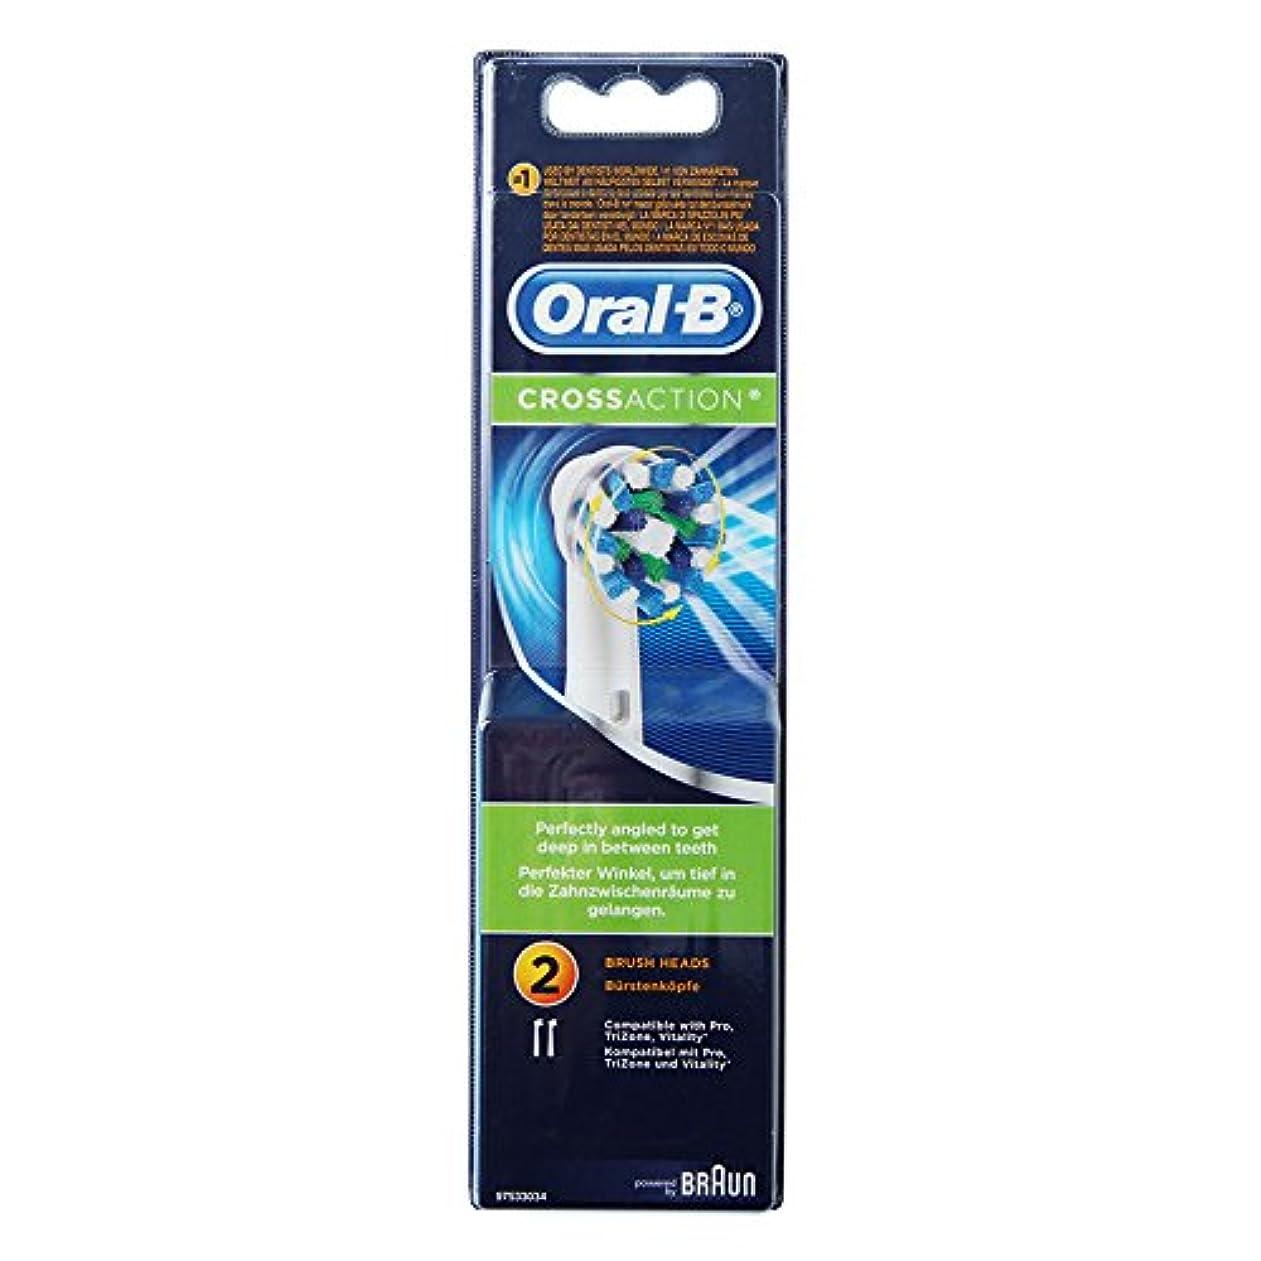 感情犯罪完全に乾くBraun Oral-B EB50-2 Oral-B CrossAction 歯ブラシ交換用ブラシヘッド 1Pack [並行輸入品]